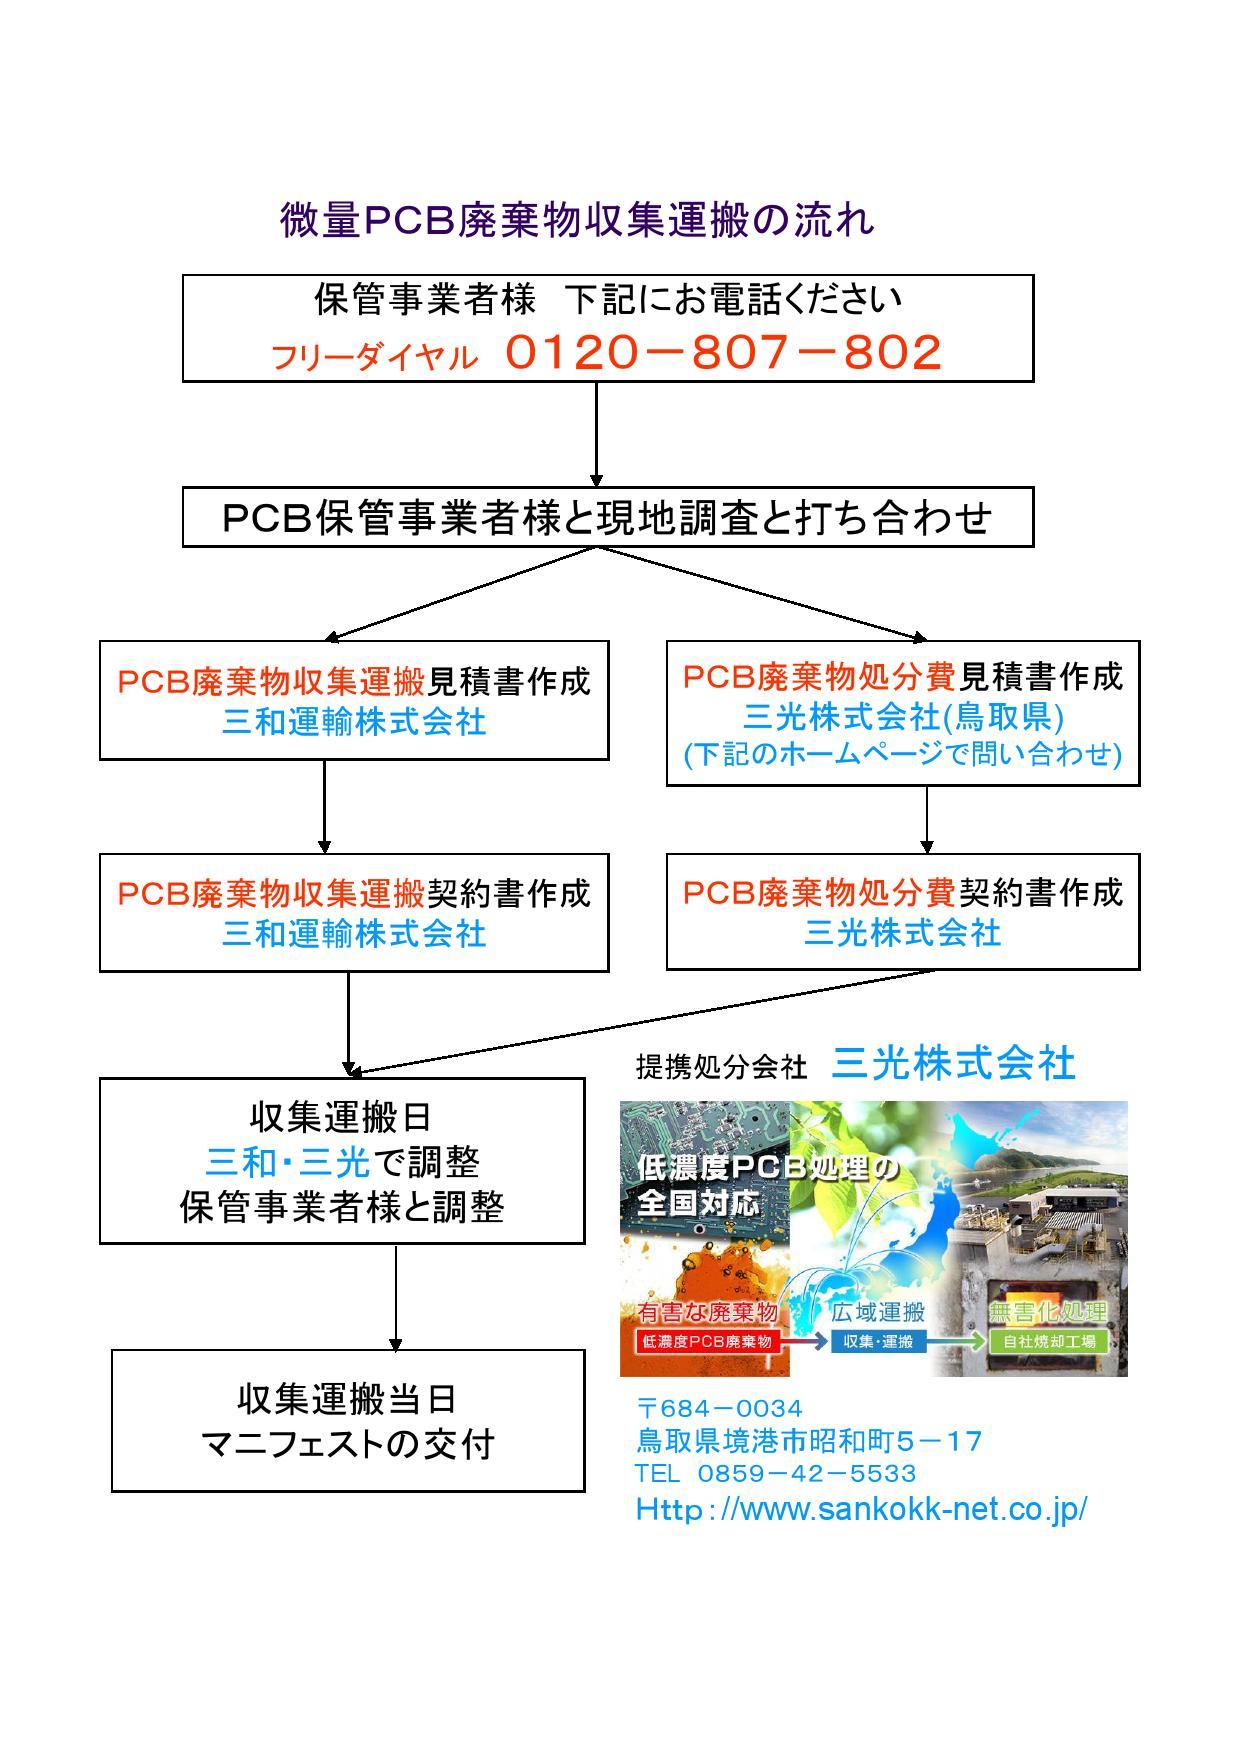 微量PCB廃棄物収集運搬の流れ0001